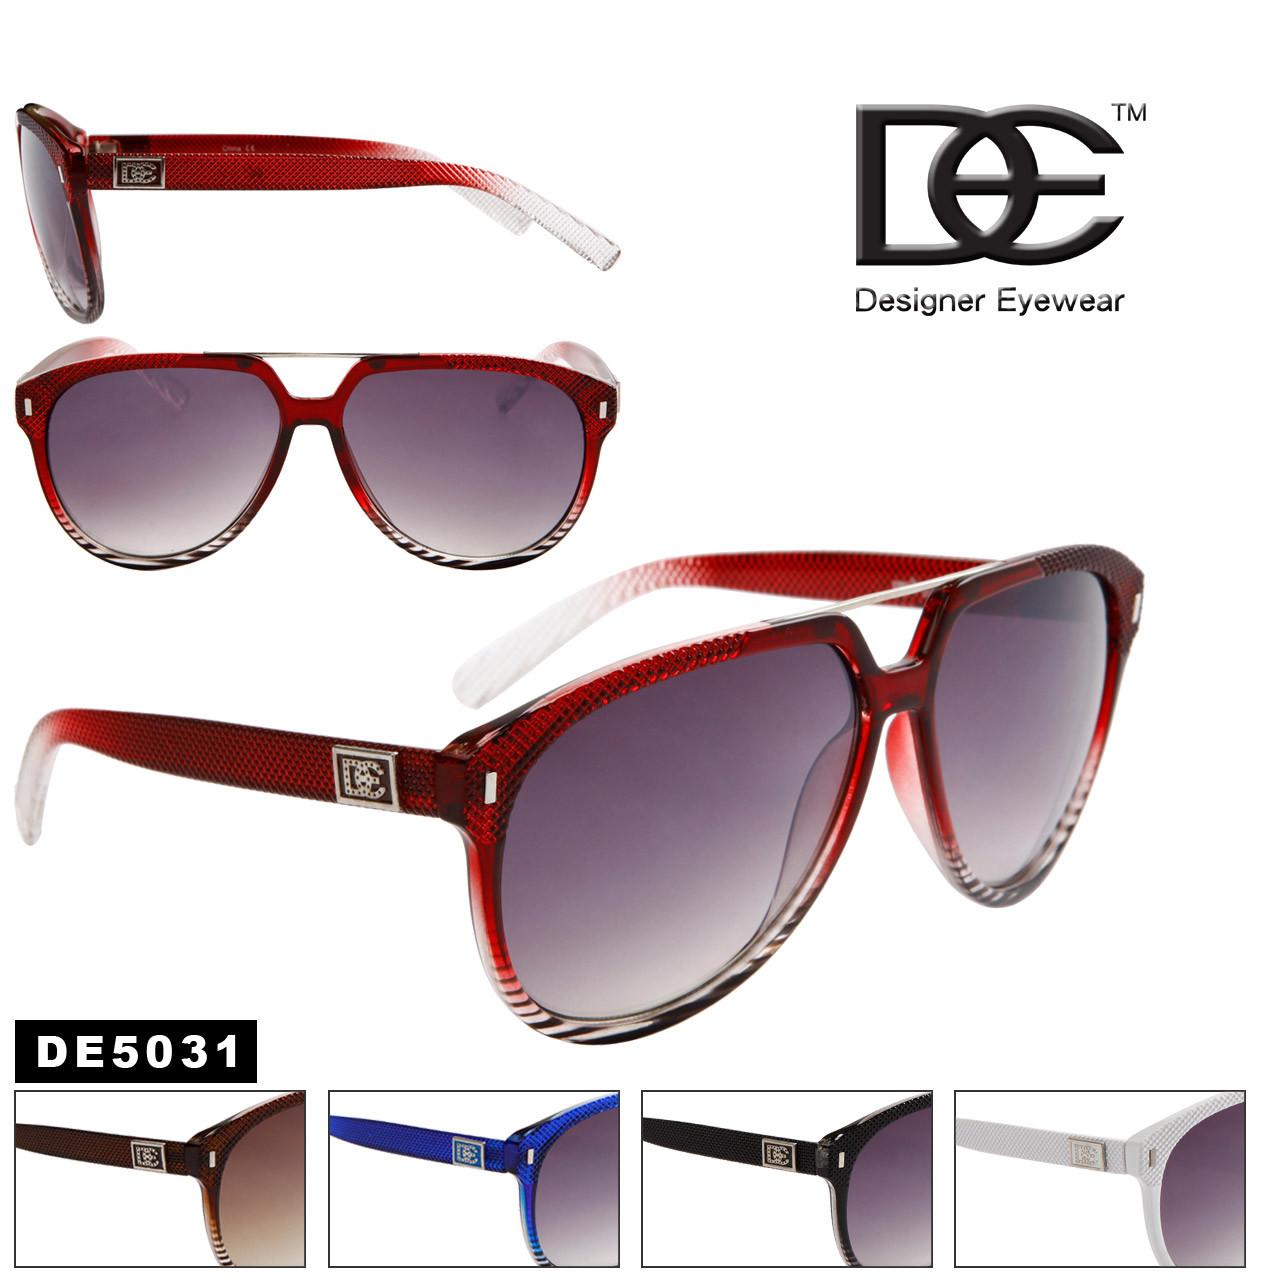 DE™ Aviator Sunglasses DE5031